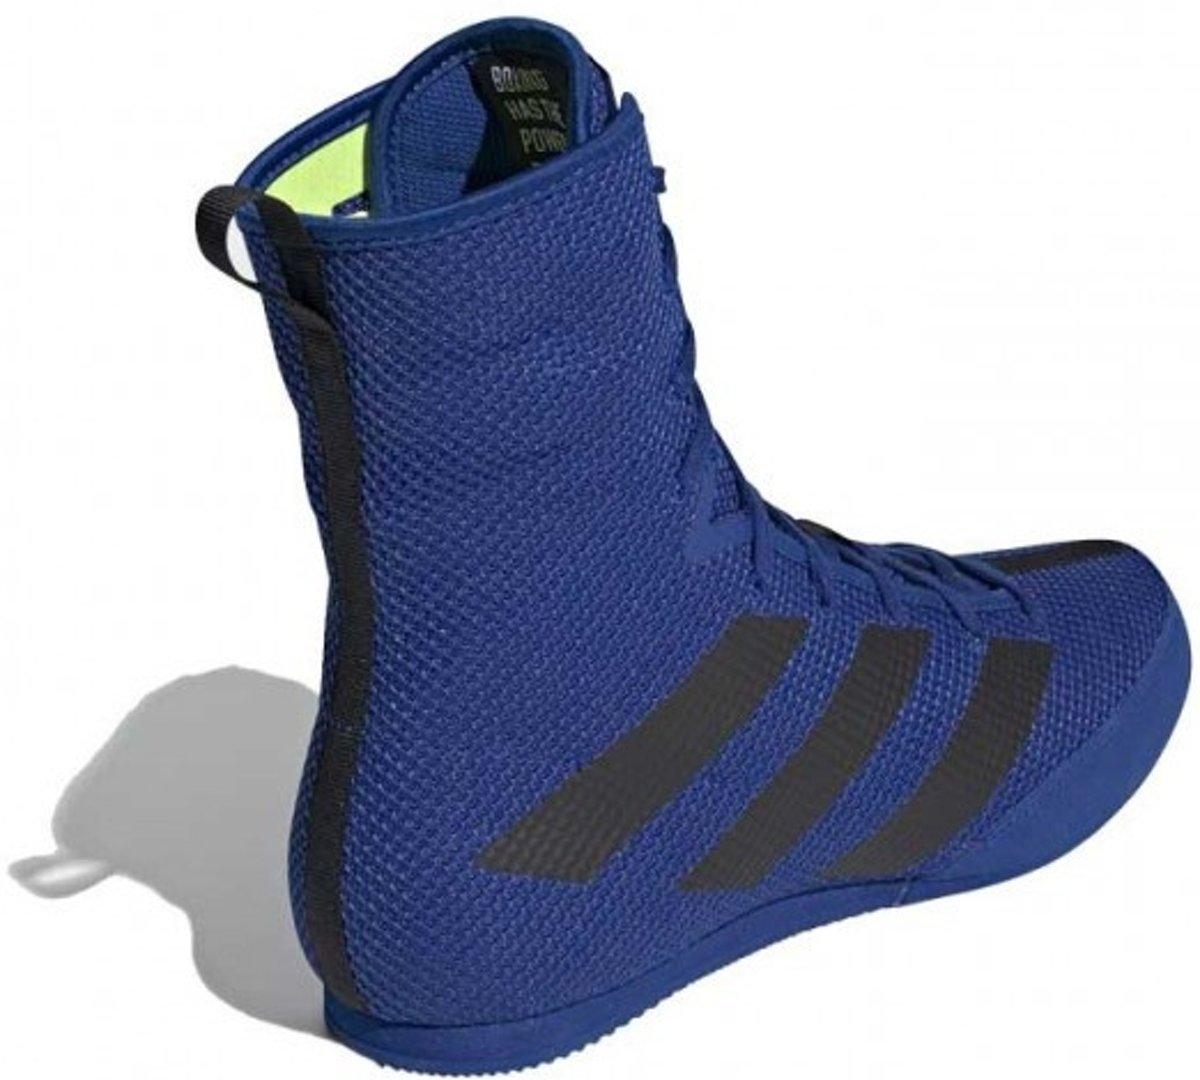 adidas Boksschoenen Box Hog 3 Blauw Maat 38 23 (5.5)